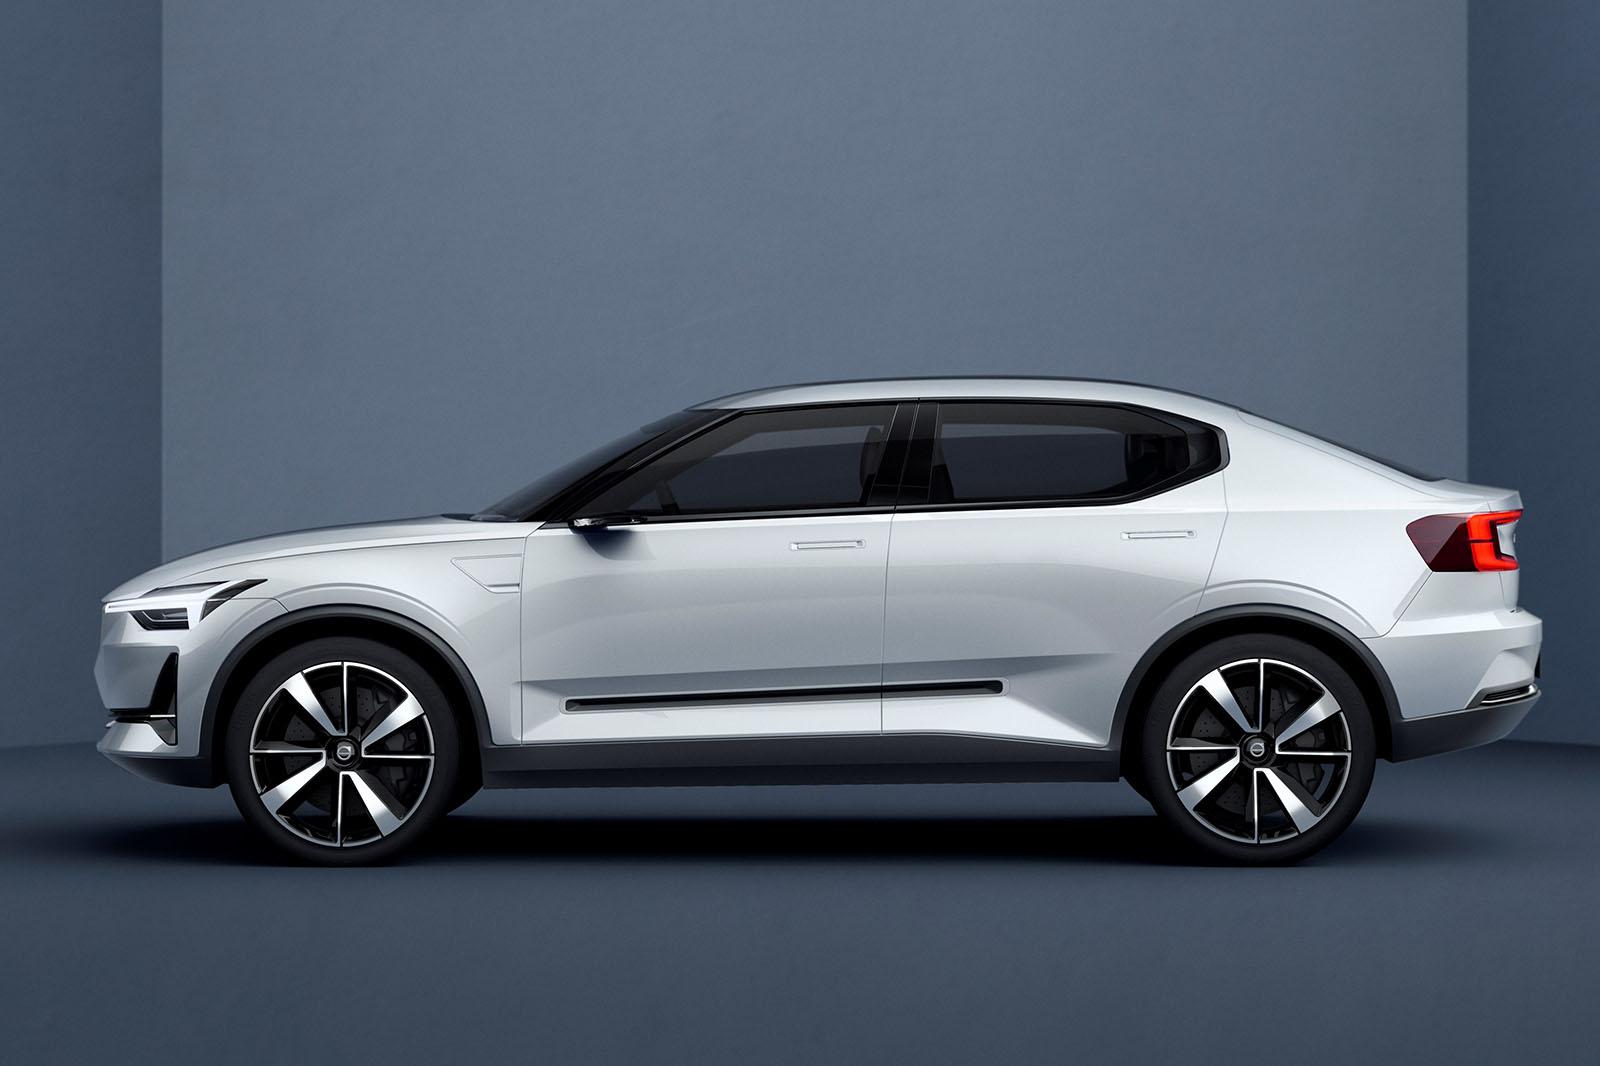 Volvo ha confirmado oficialmente que un modelo eléctrico independiente llegará en 2019